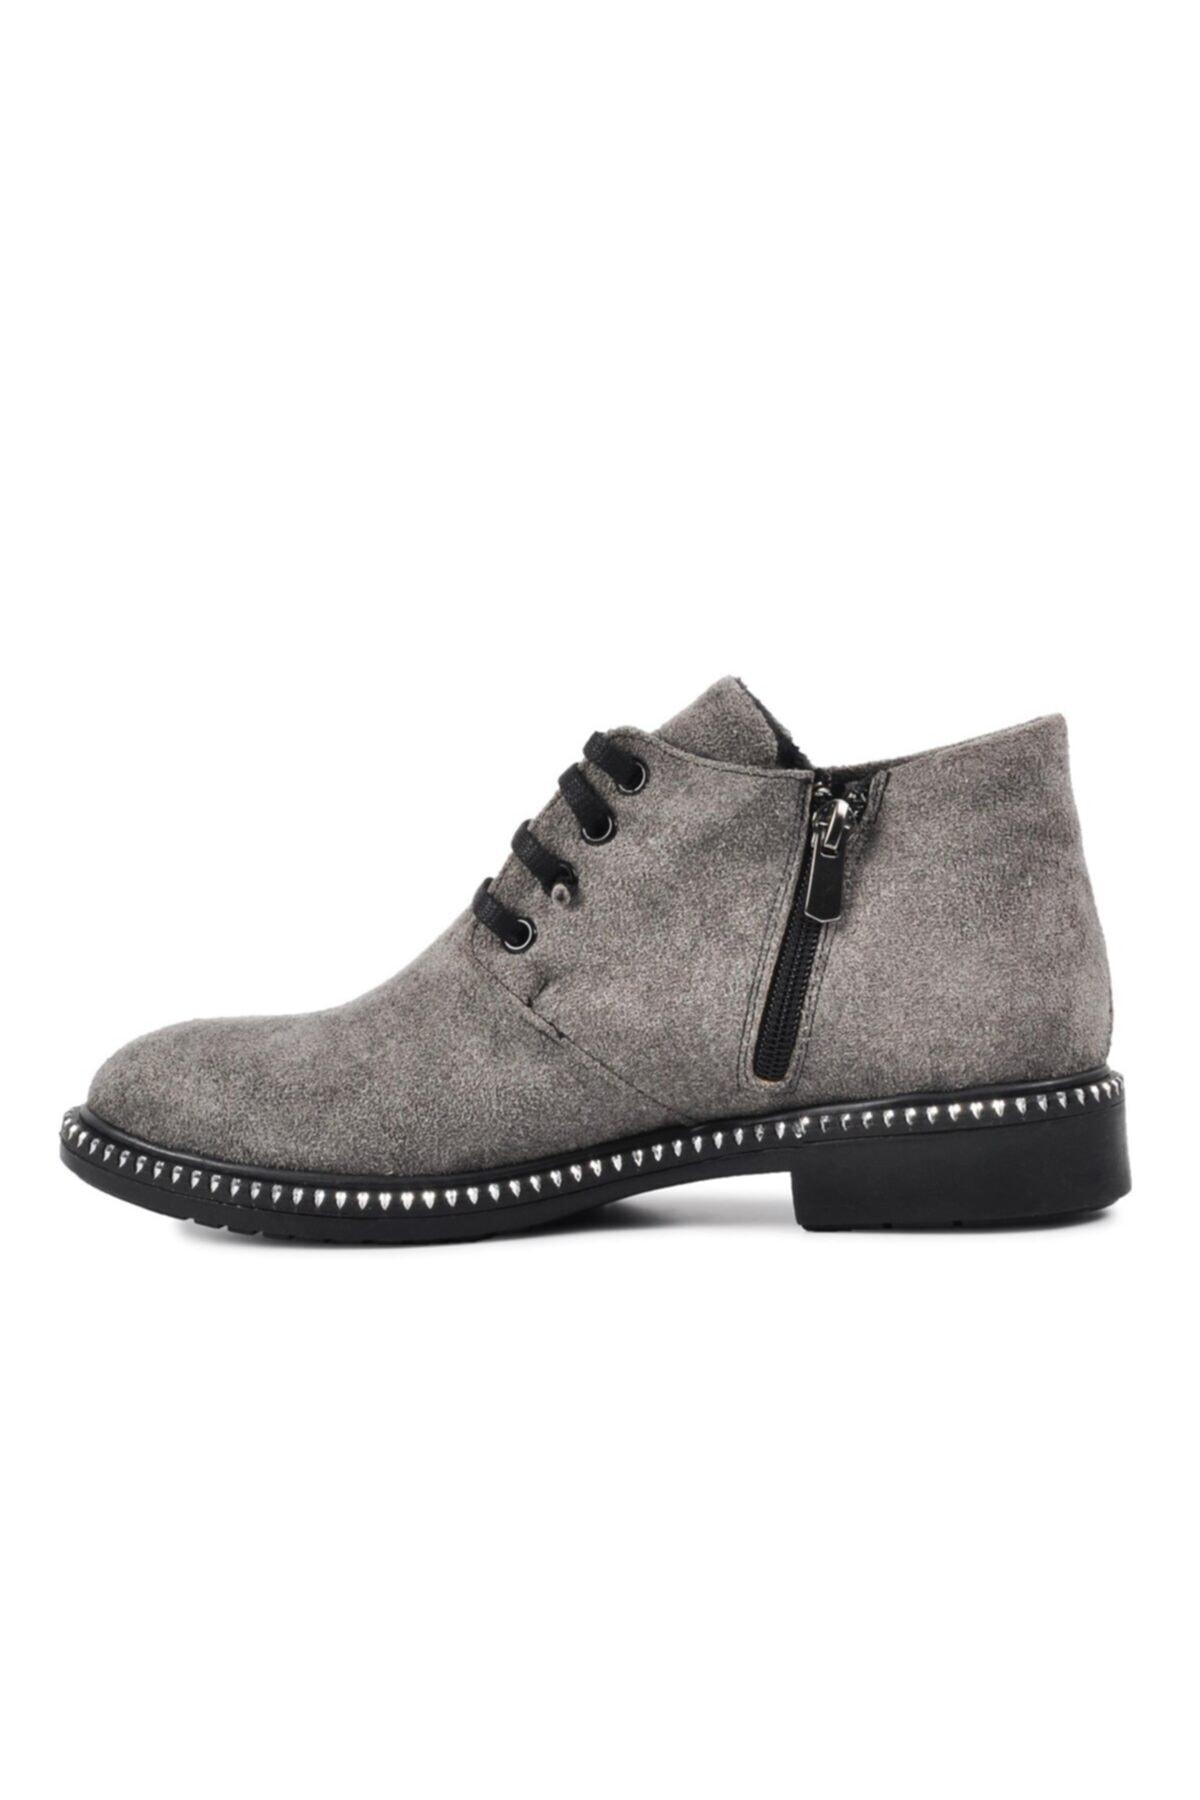 Pierre Cardin Kadın Gri Süet Günlük Ayakkabı 50421 2